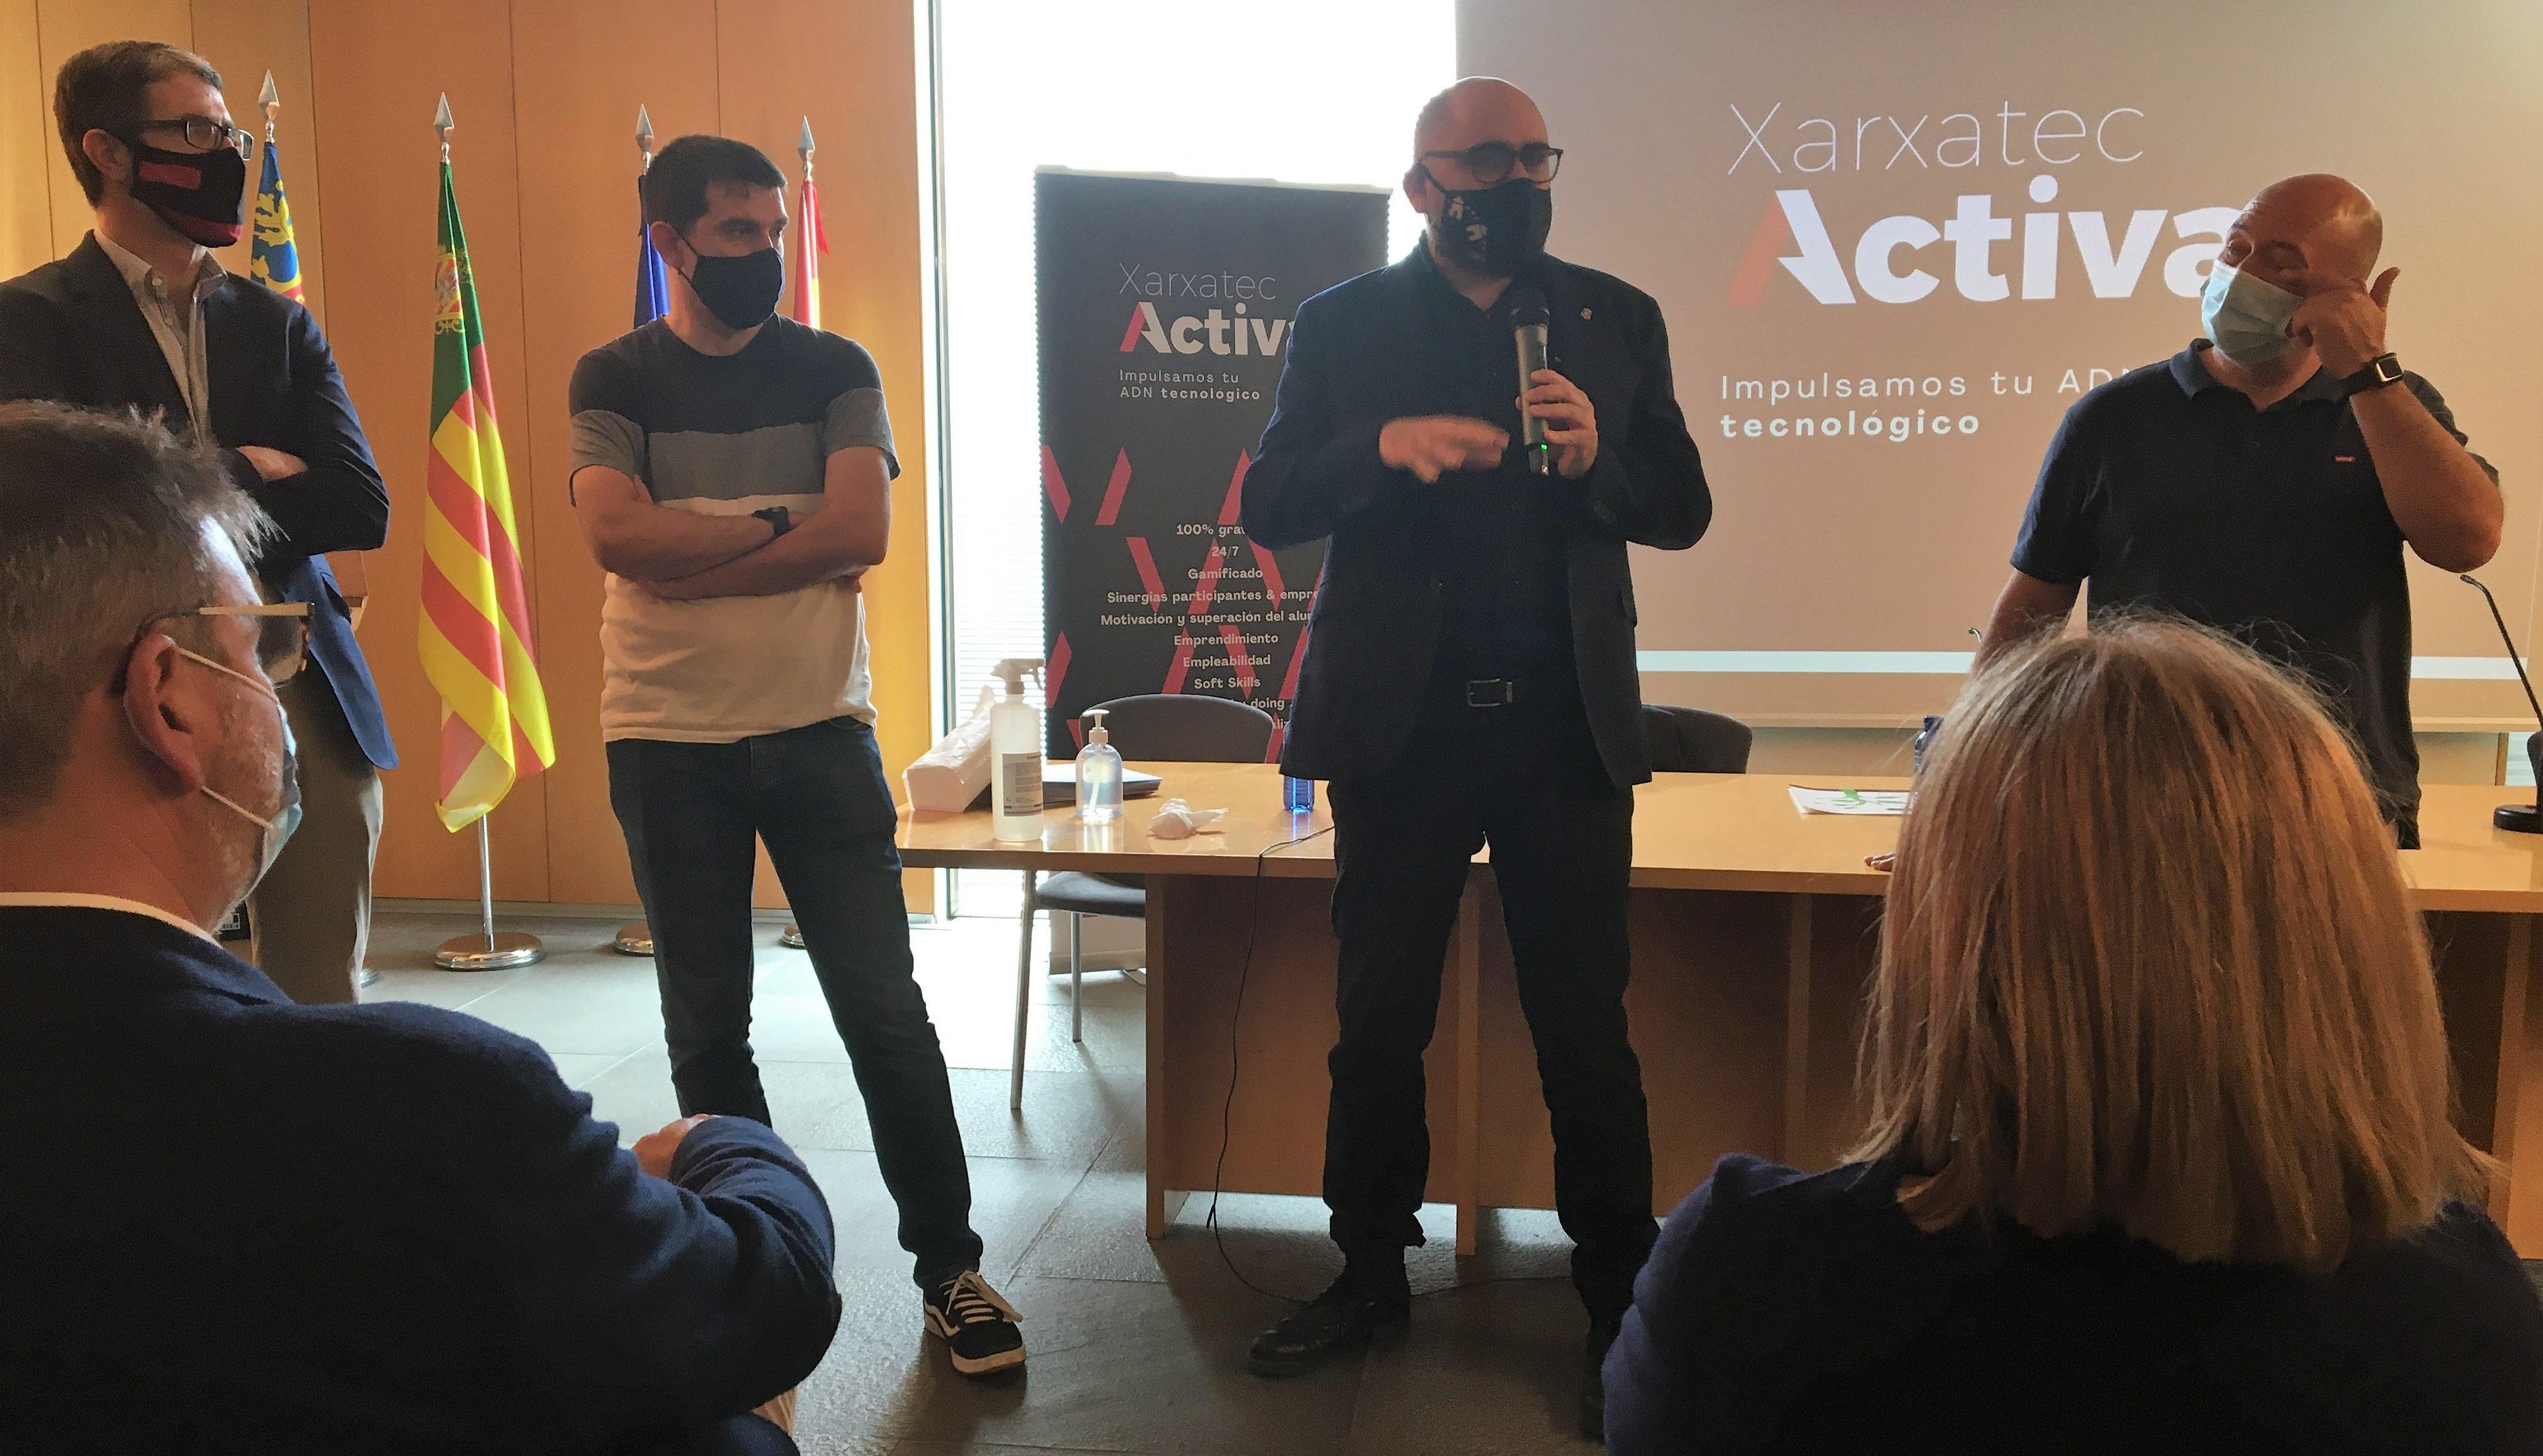 La Diputació impulsa Xarxatec Activa per a la captació tecnològica de les empreses de Castelló